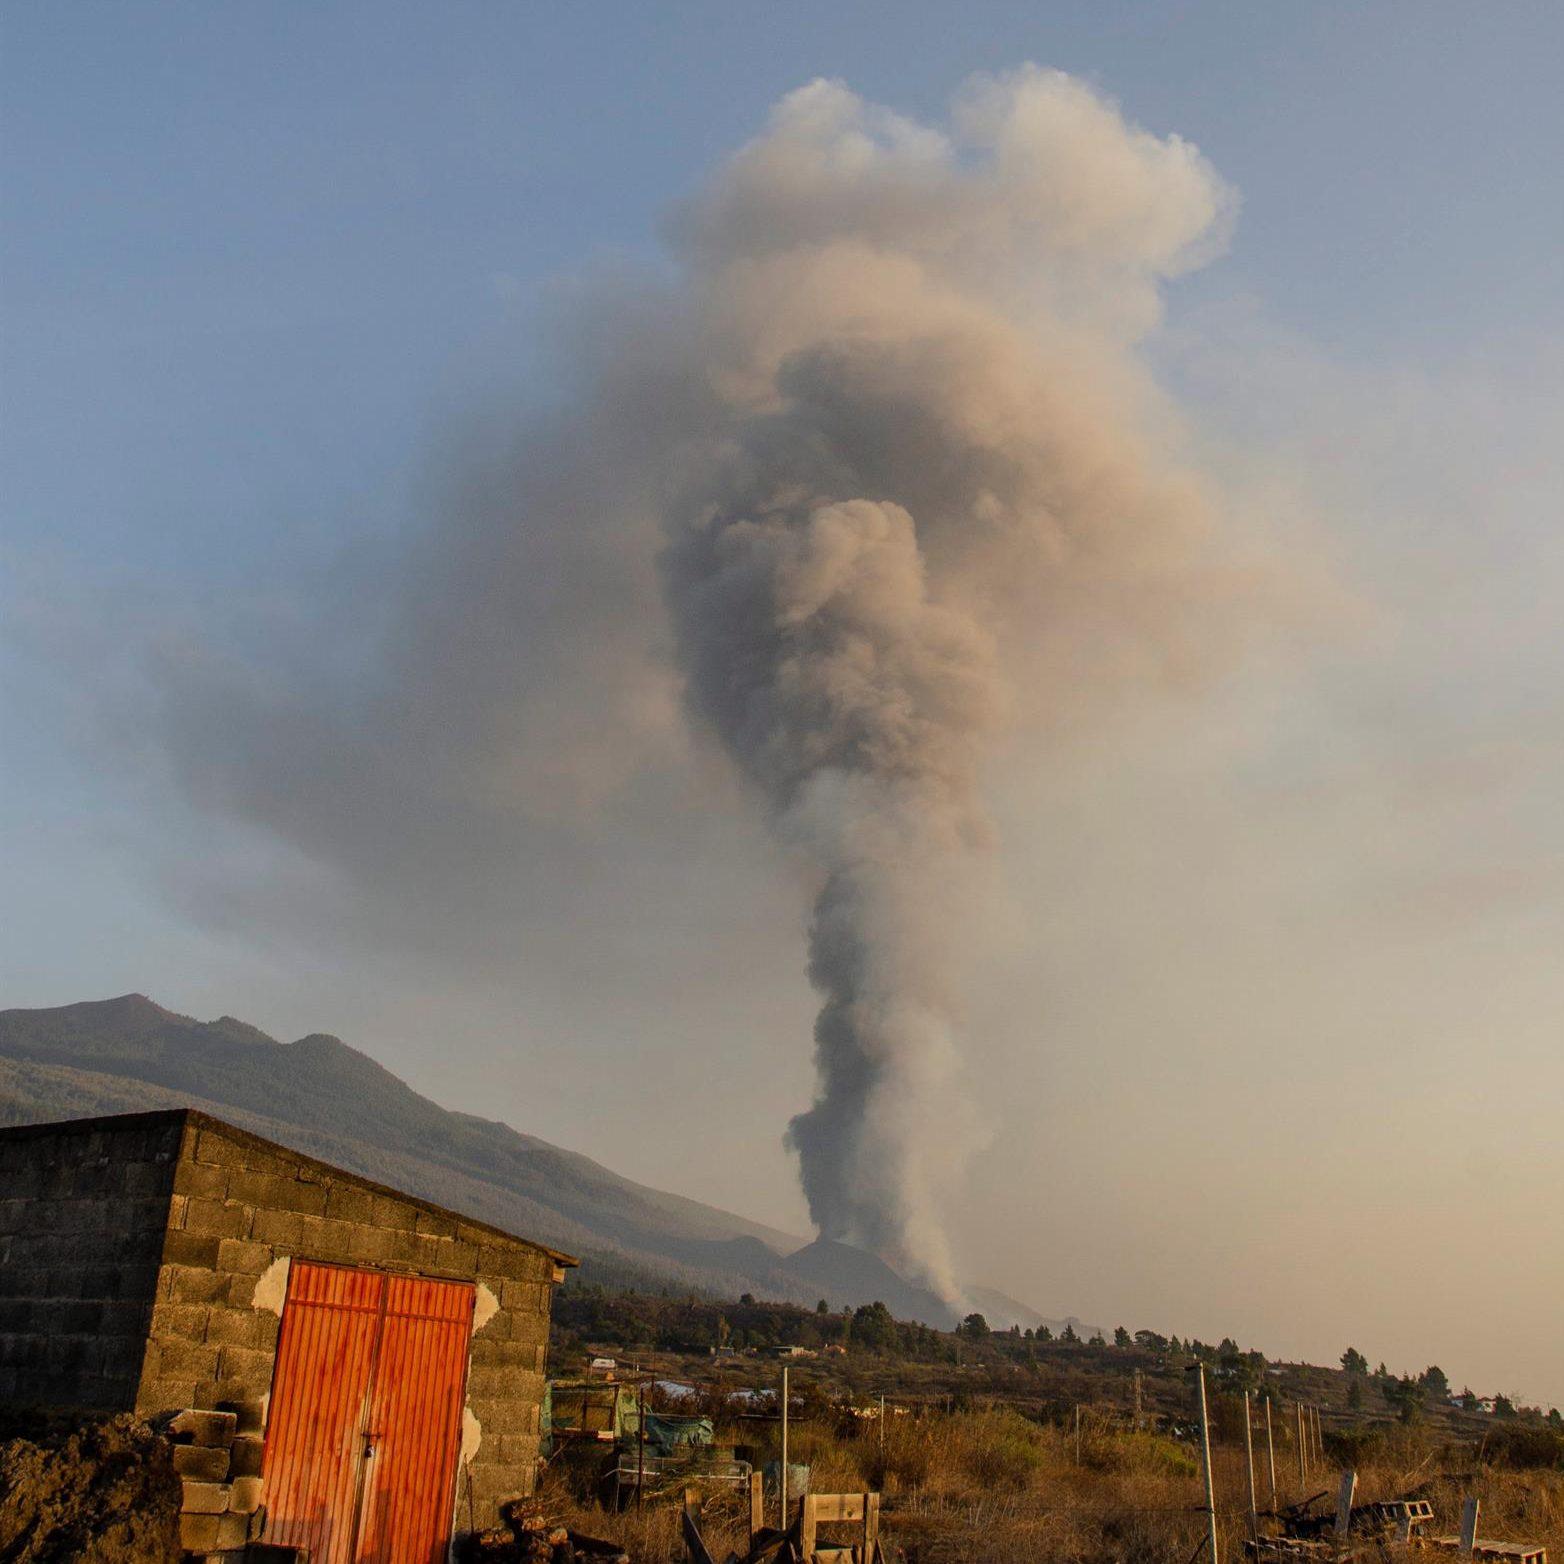 Una fumarola emitida por el volcán de La Palma